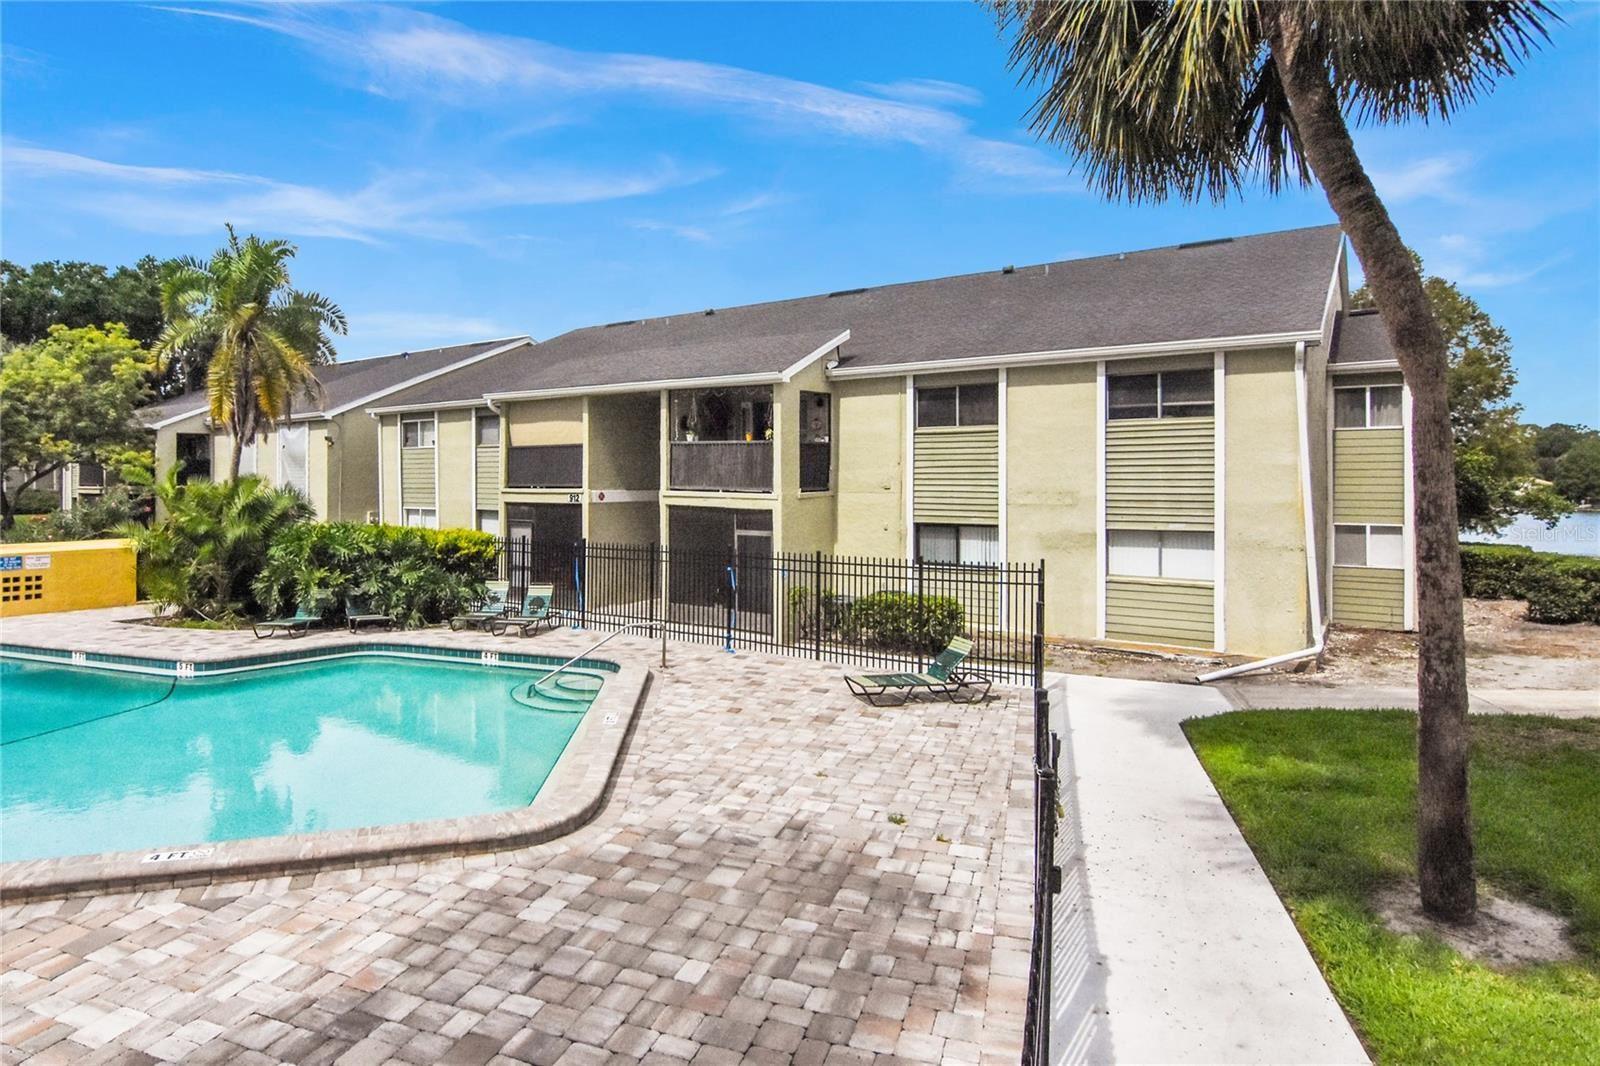 912 LAKE DESTINY ROAD #G, Altamonte Springs, FL 32714 - #: O5955326